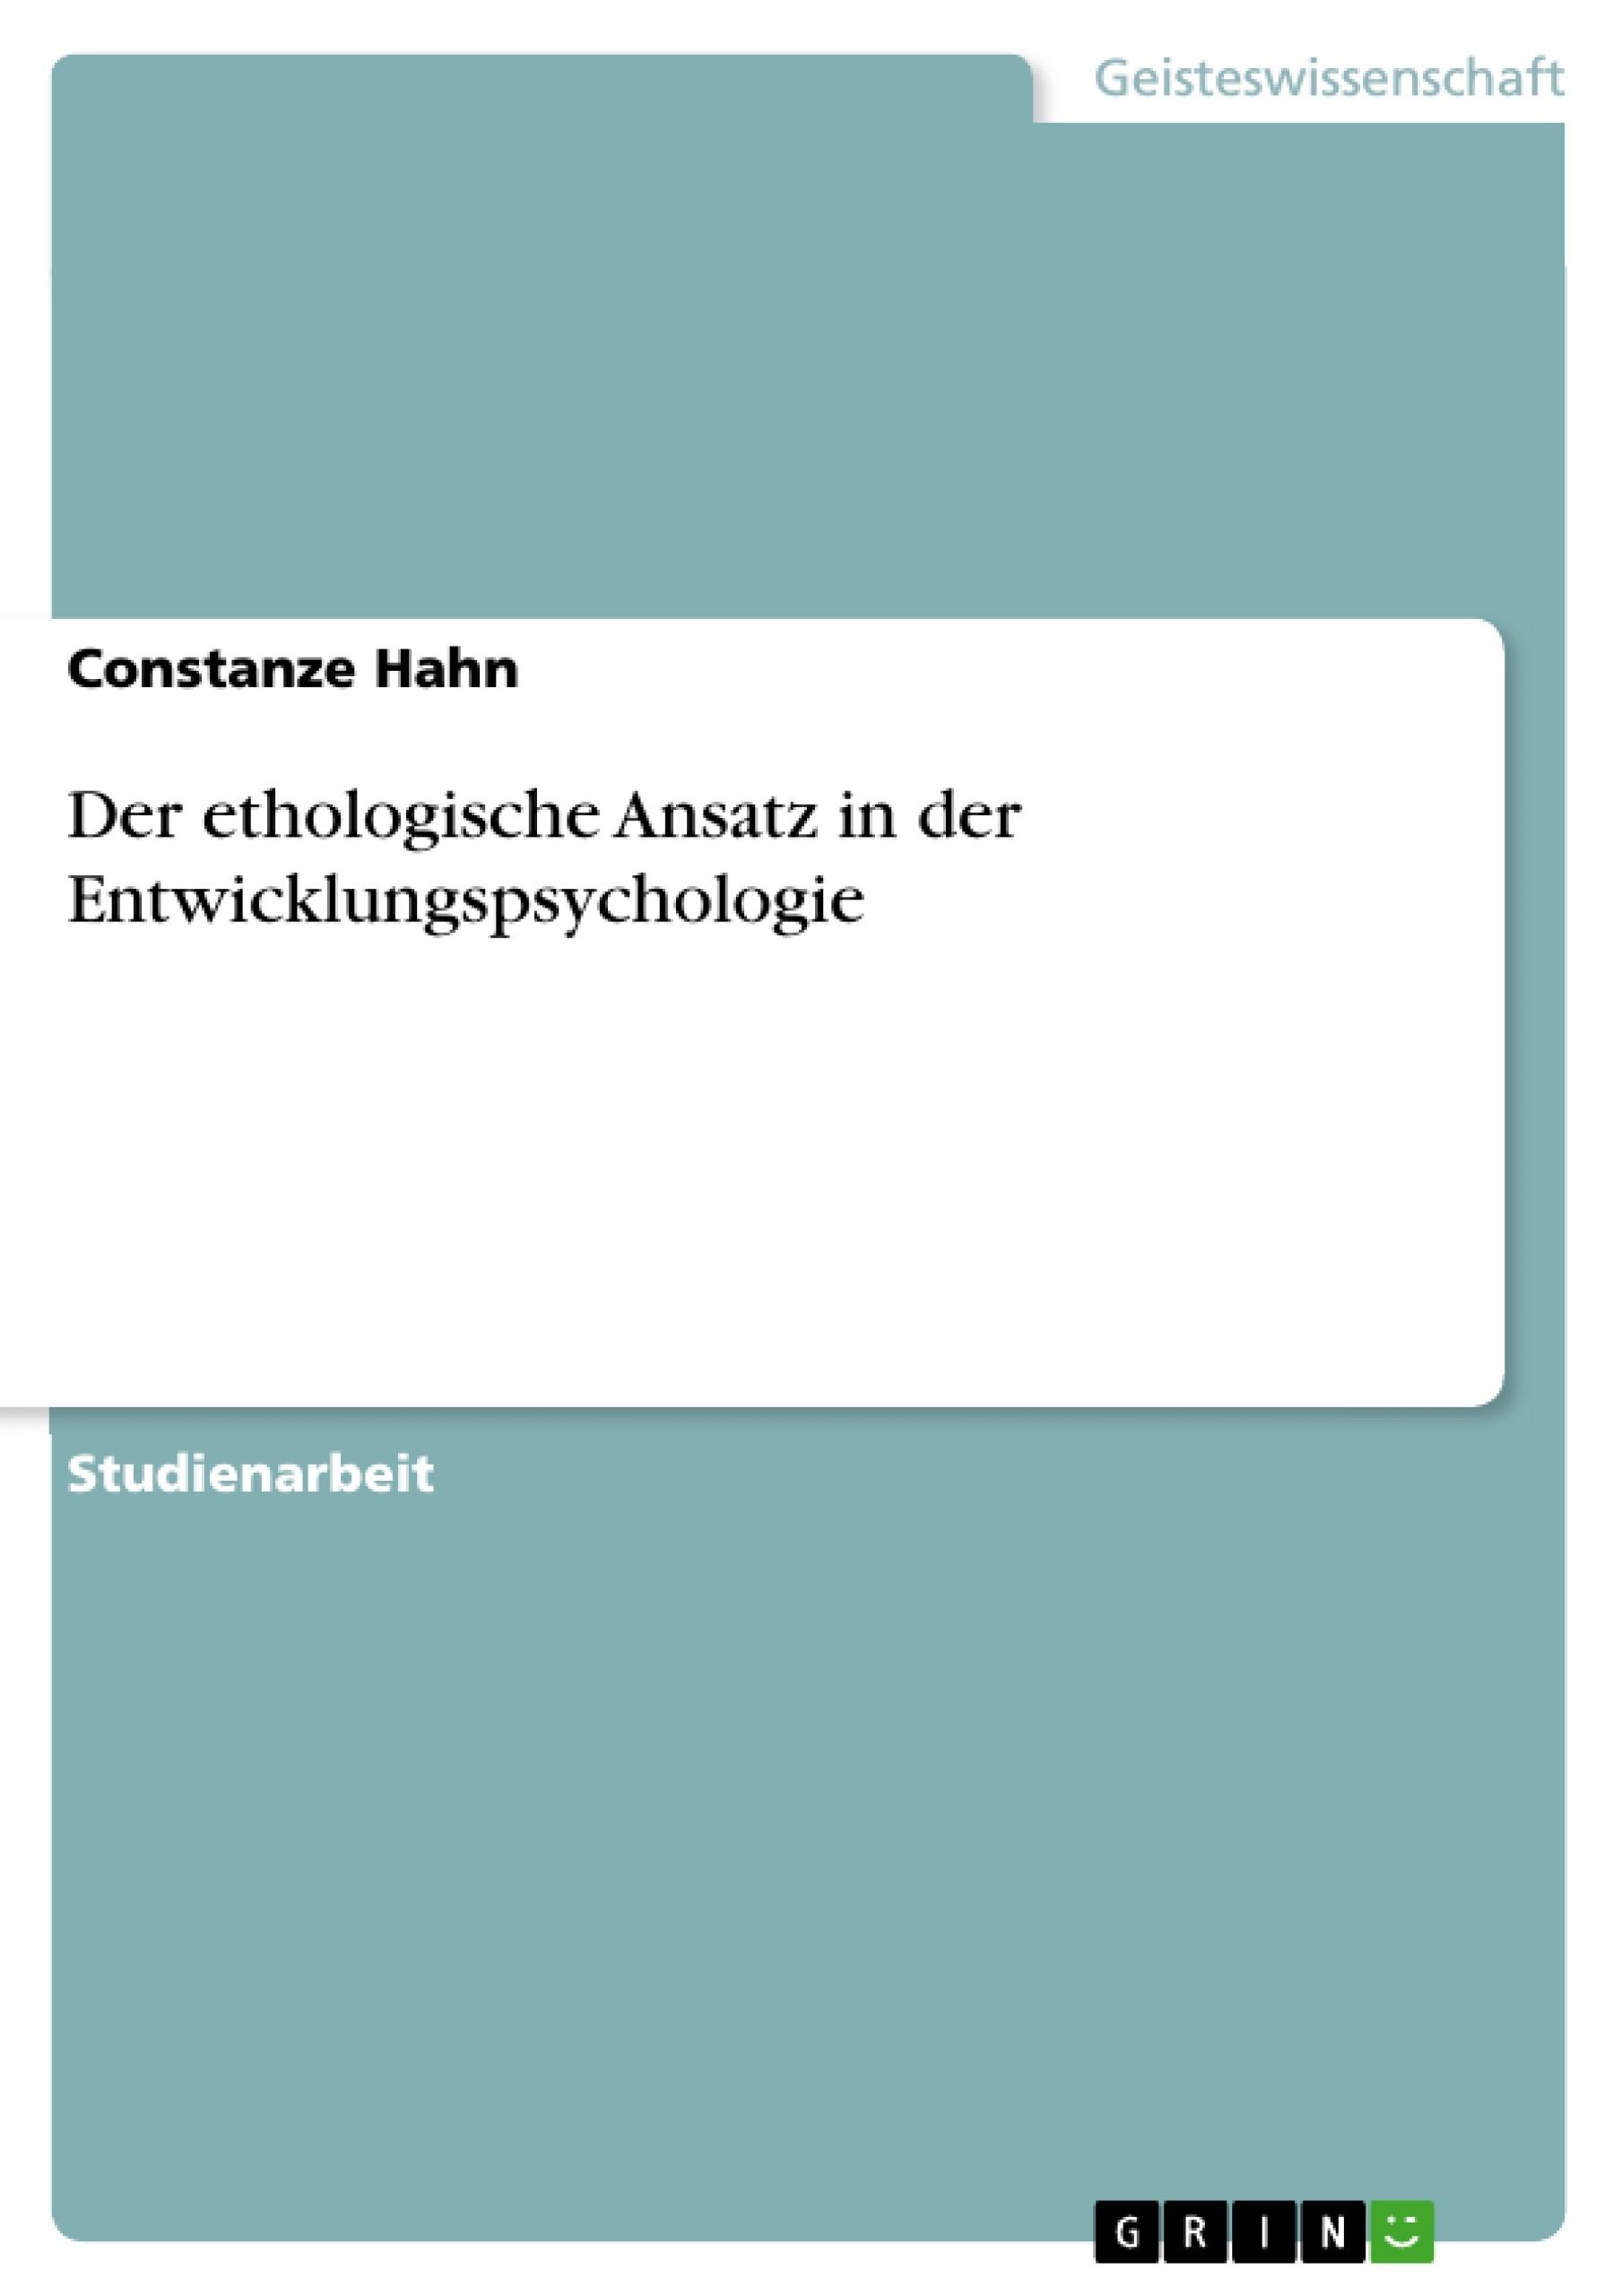 Titel: Der ethologische Ansatz in der Entwicklungspsychologie